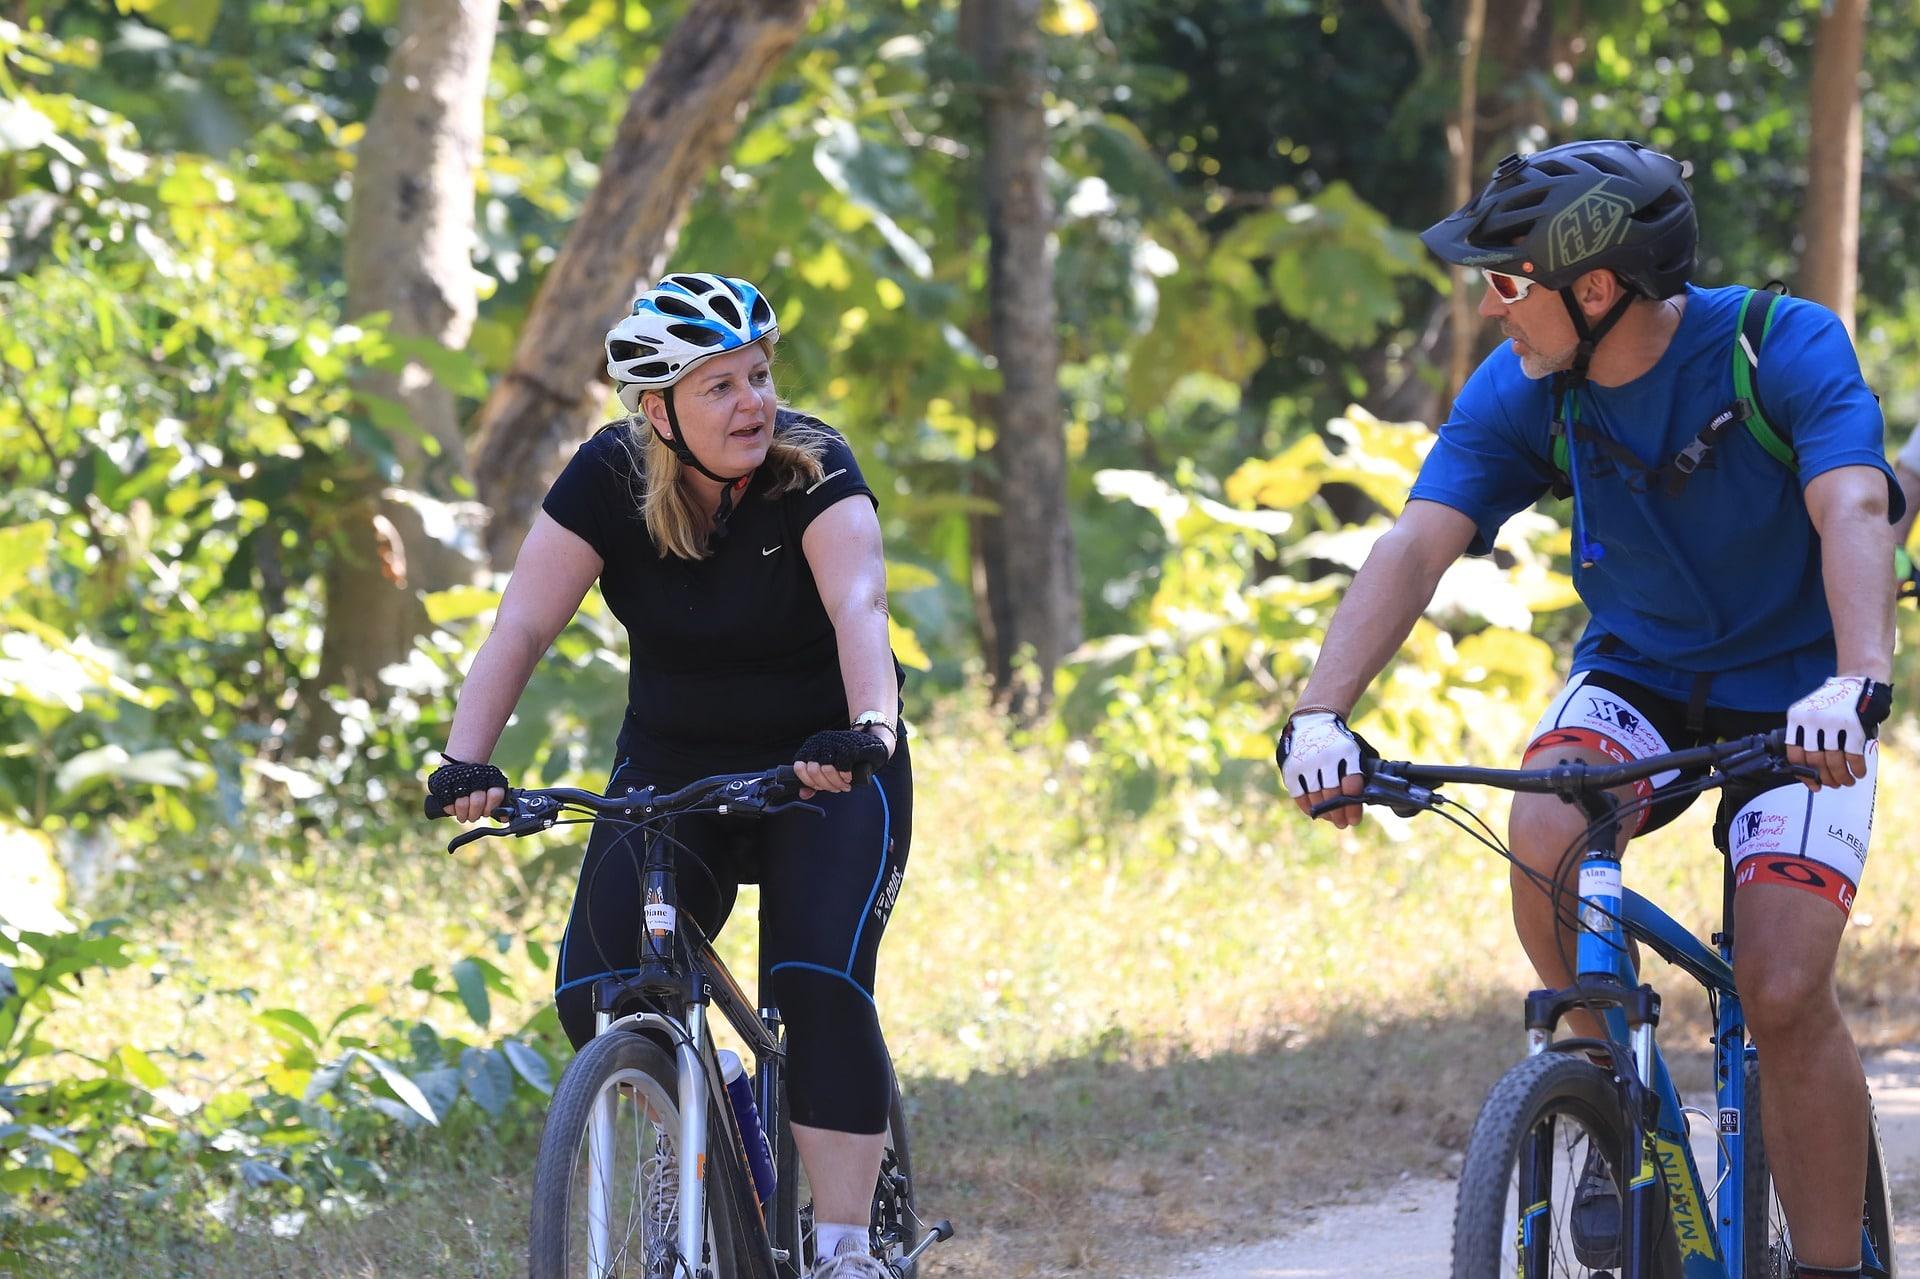 Jízda na kole je ideální forma aerobního pohybu / foto: pixabay.com